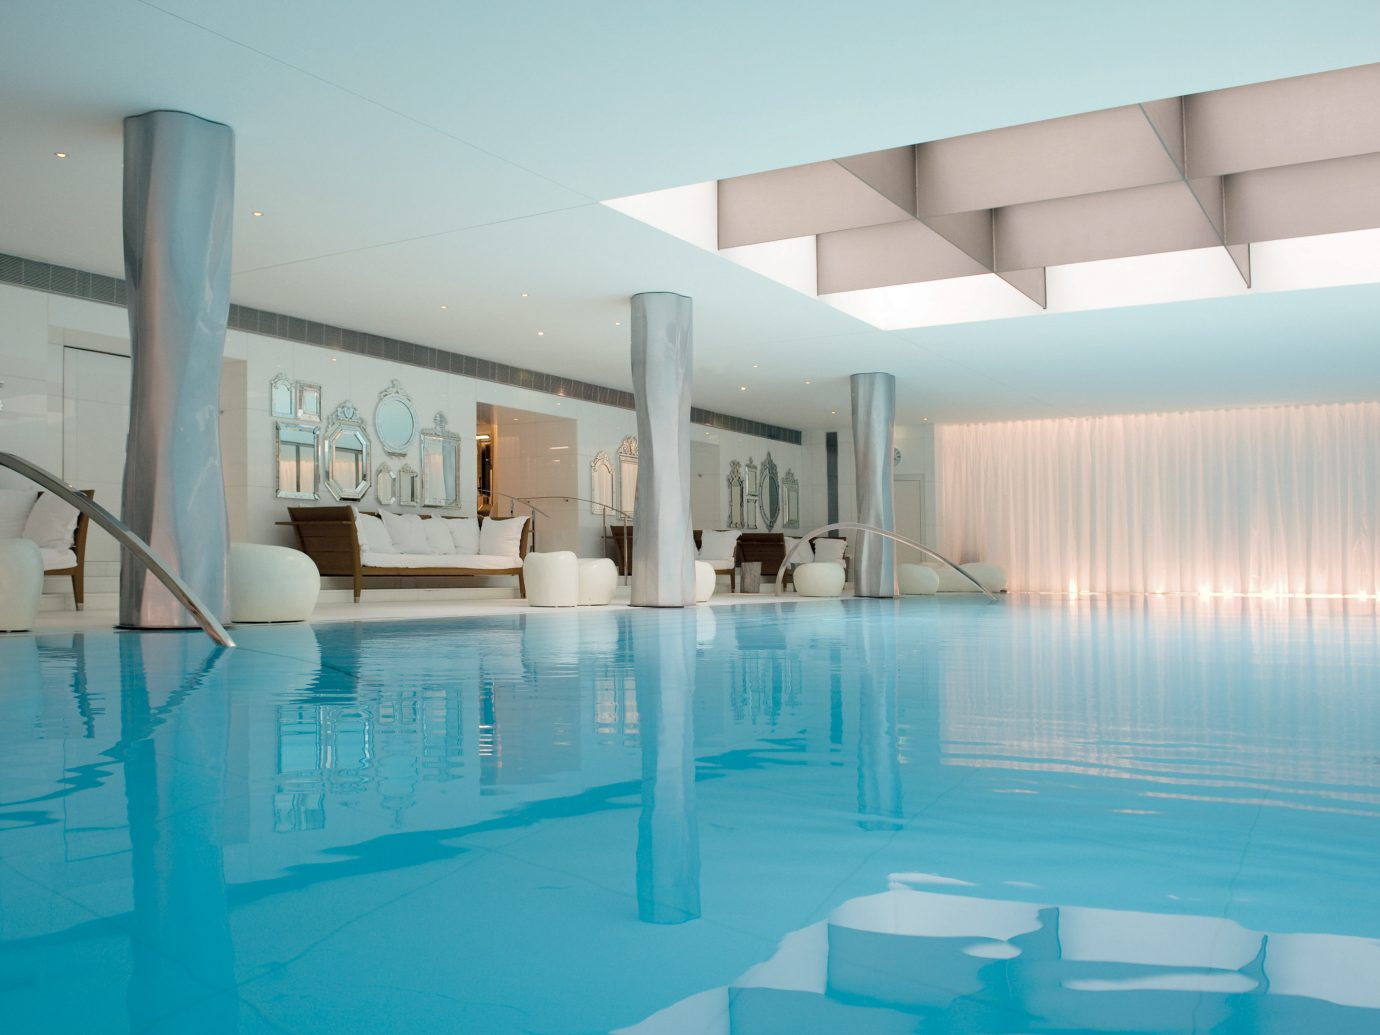 Hotels Pool Romance indoor swimming pool property leisure centre condominium interior design estate